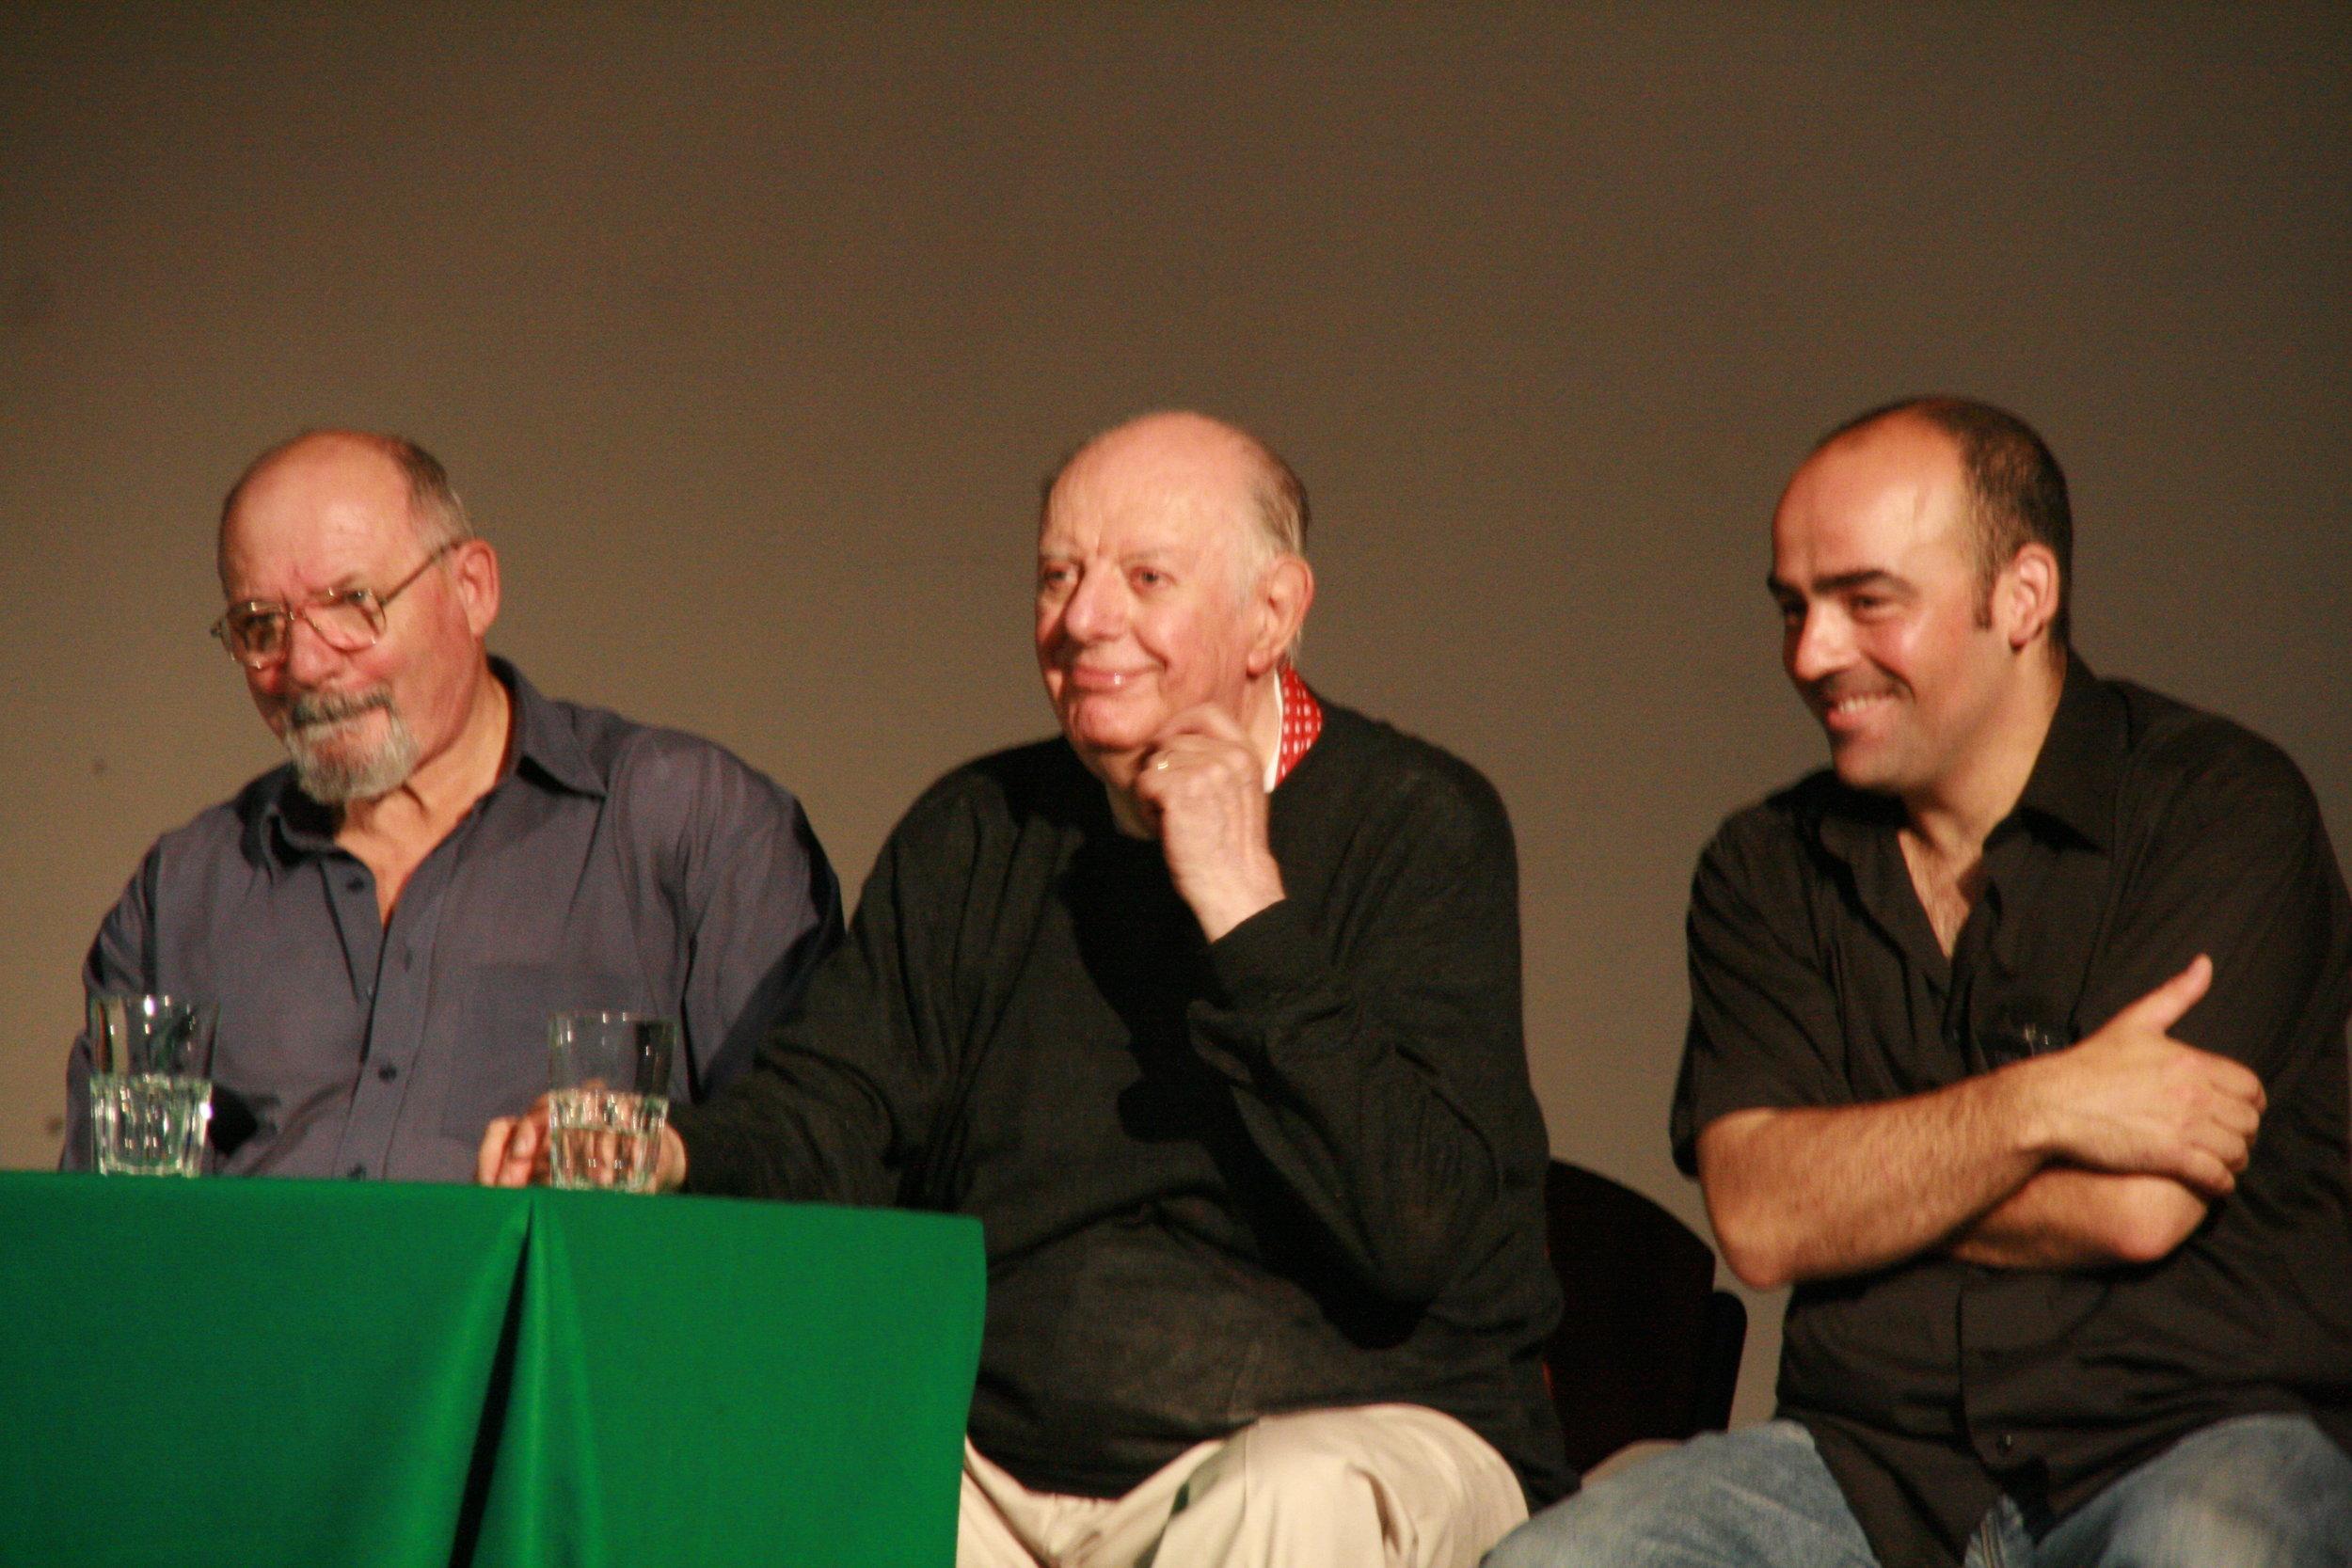 Donato Sartori, Dario Fo and Carlos García Estévez - Padova 2010